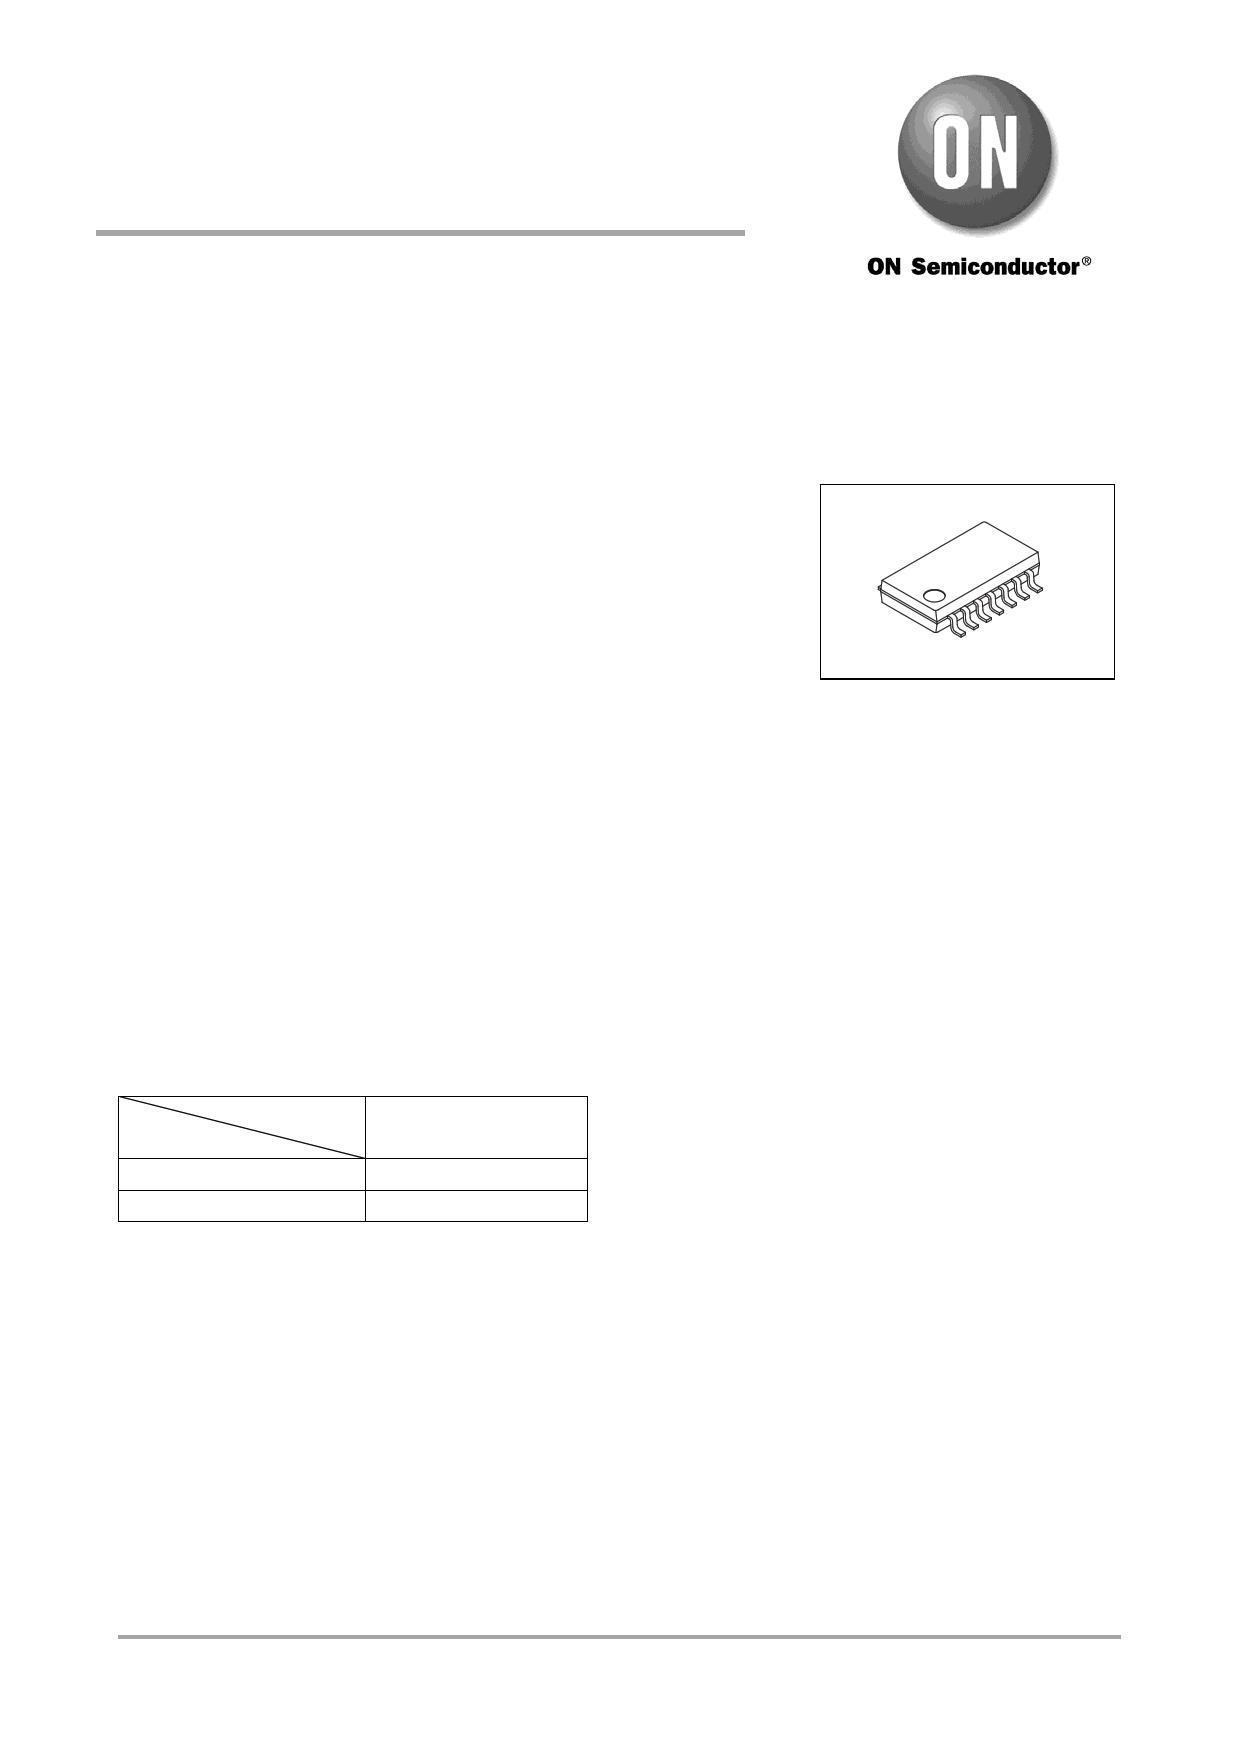 LB1863M datasheet